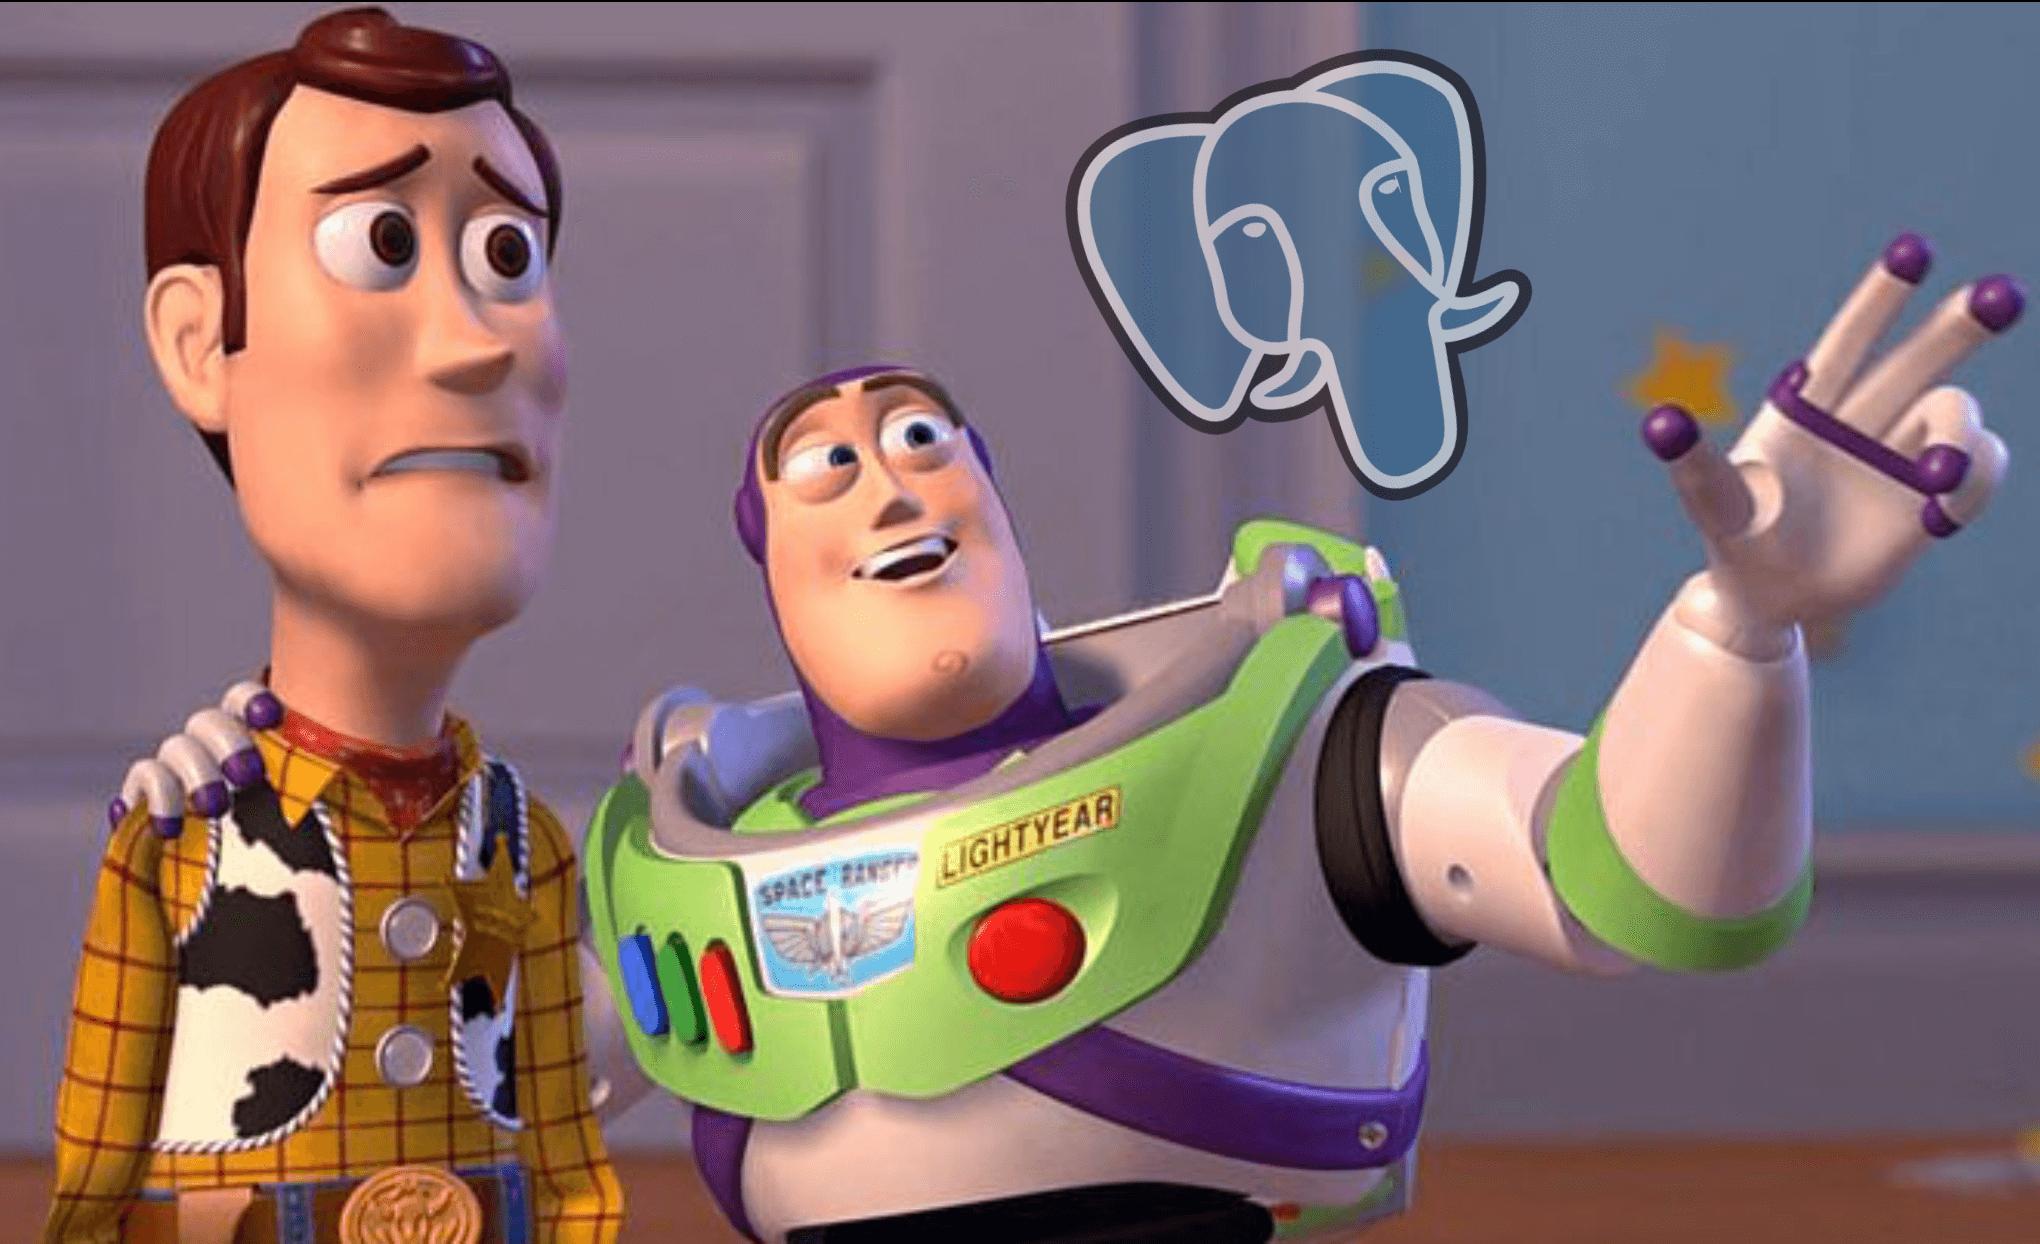 Meme about PostgreSQL being the best